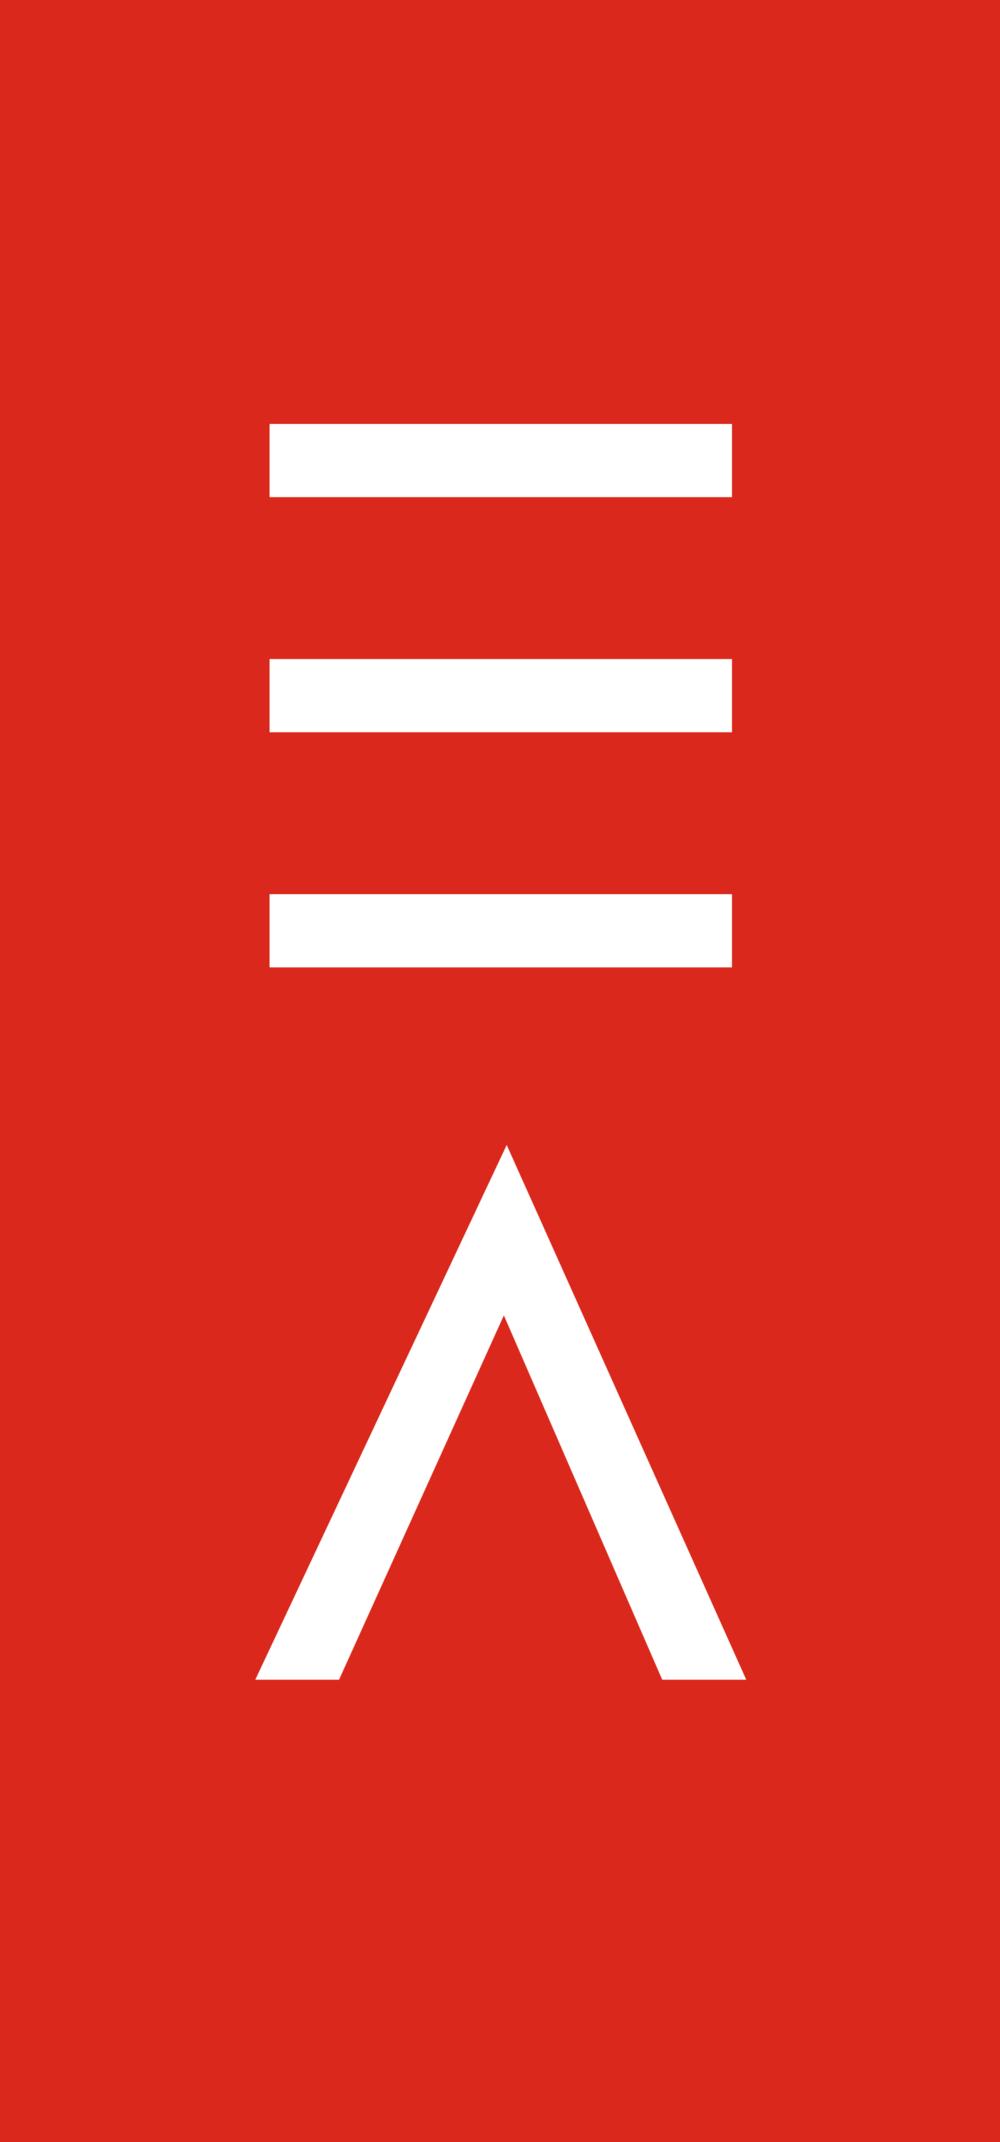 EA-symbol-PNG-Big.png